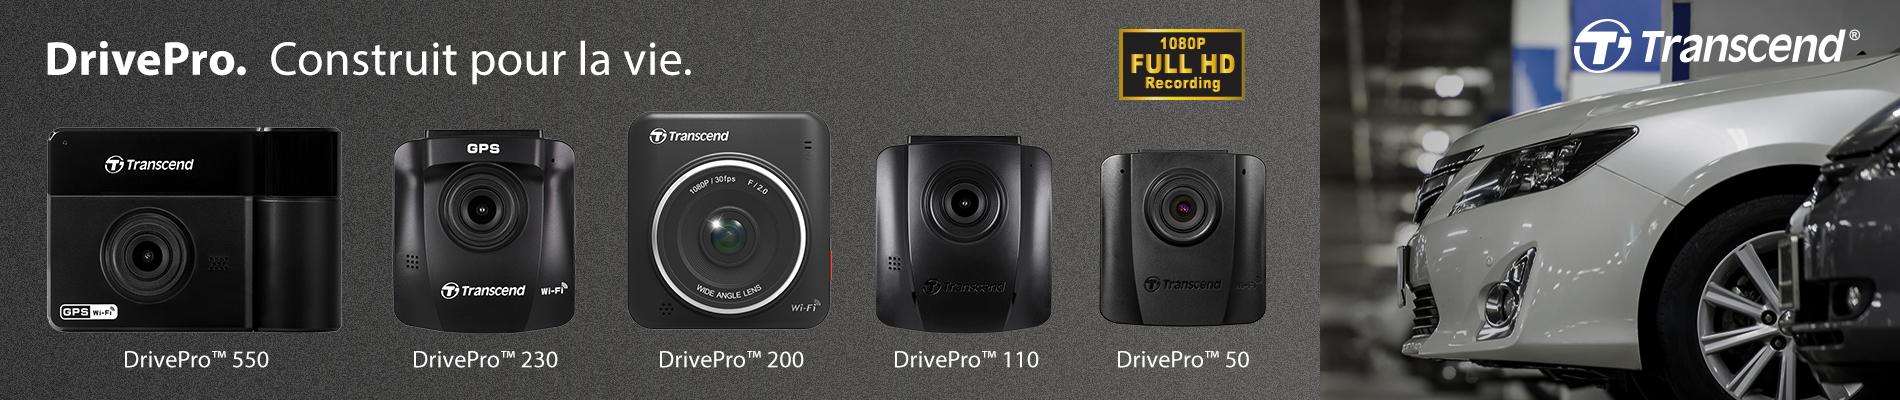 Drive Pro. Construit pour la vie.